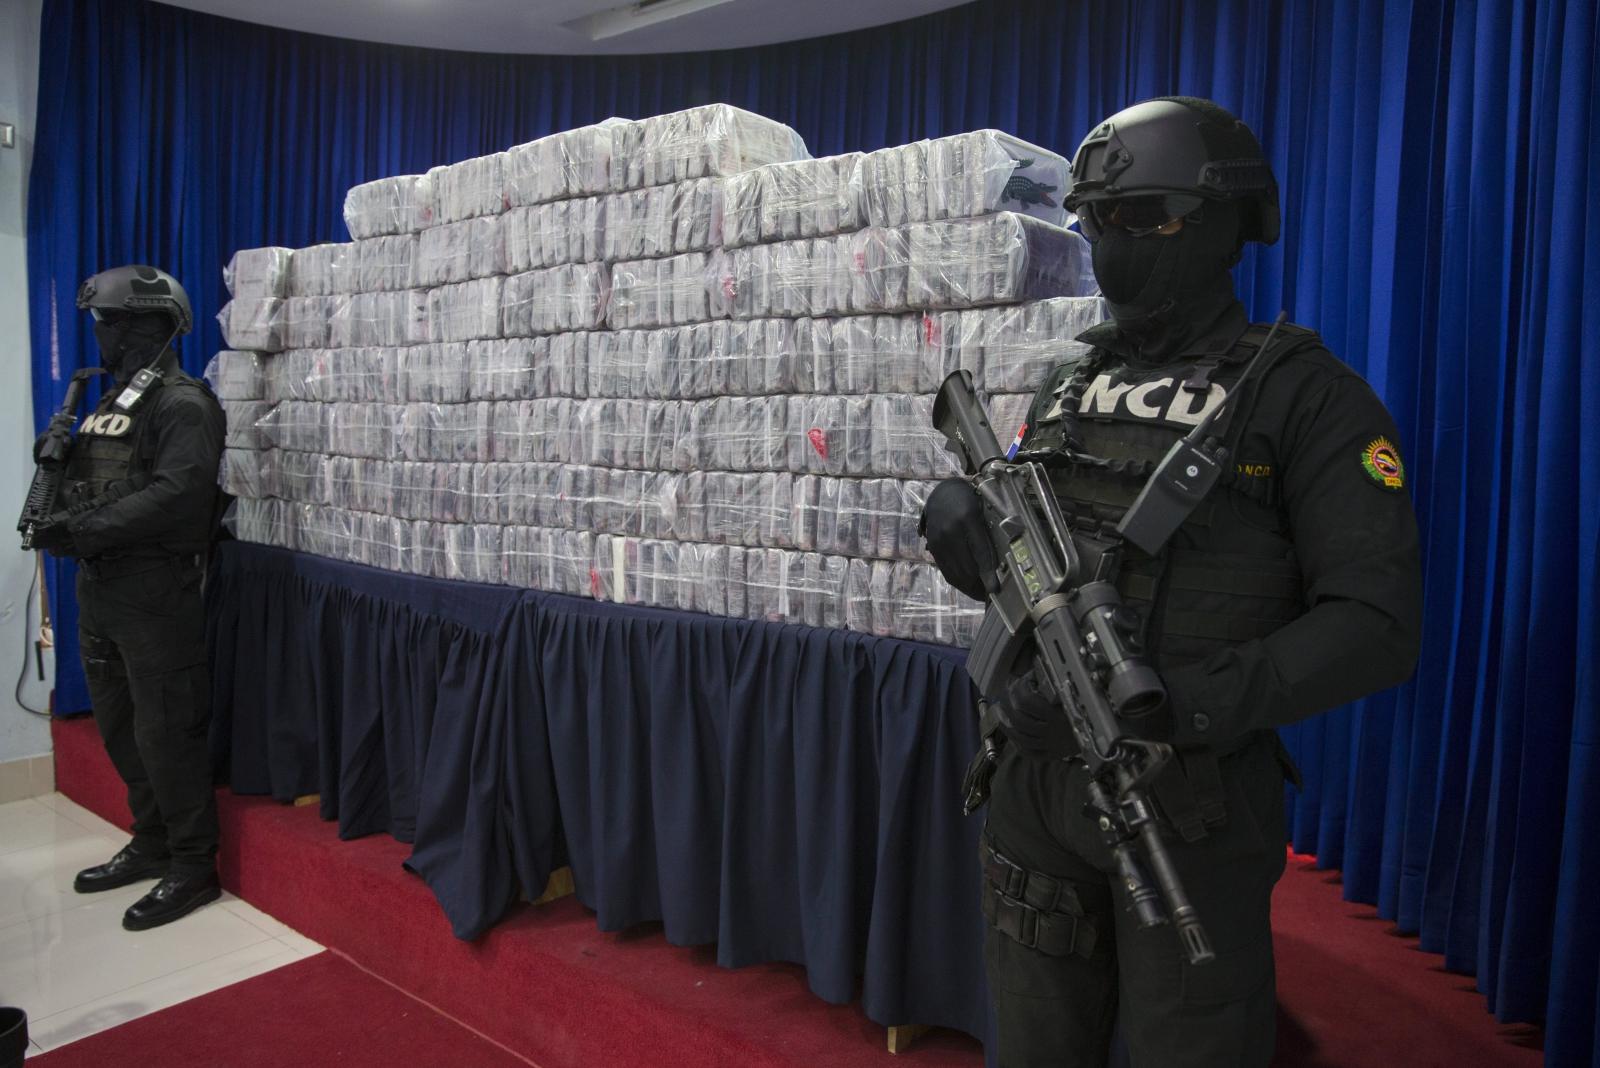 Znaleziono 390 opakowań narkotyków w Santo DOmingo w Republice Dominikany. Fot. PAP/EPA/Orlando Barria